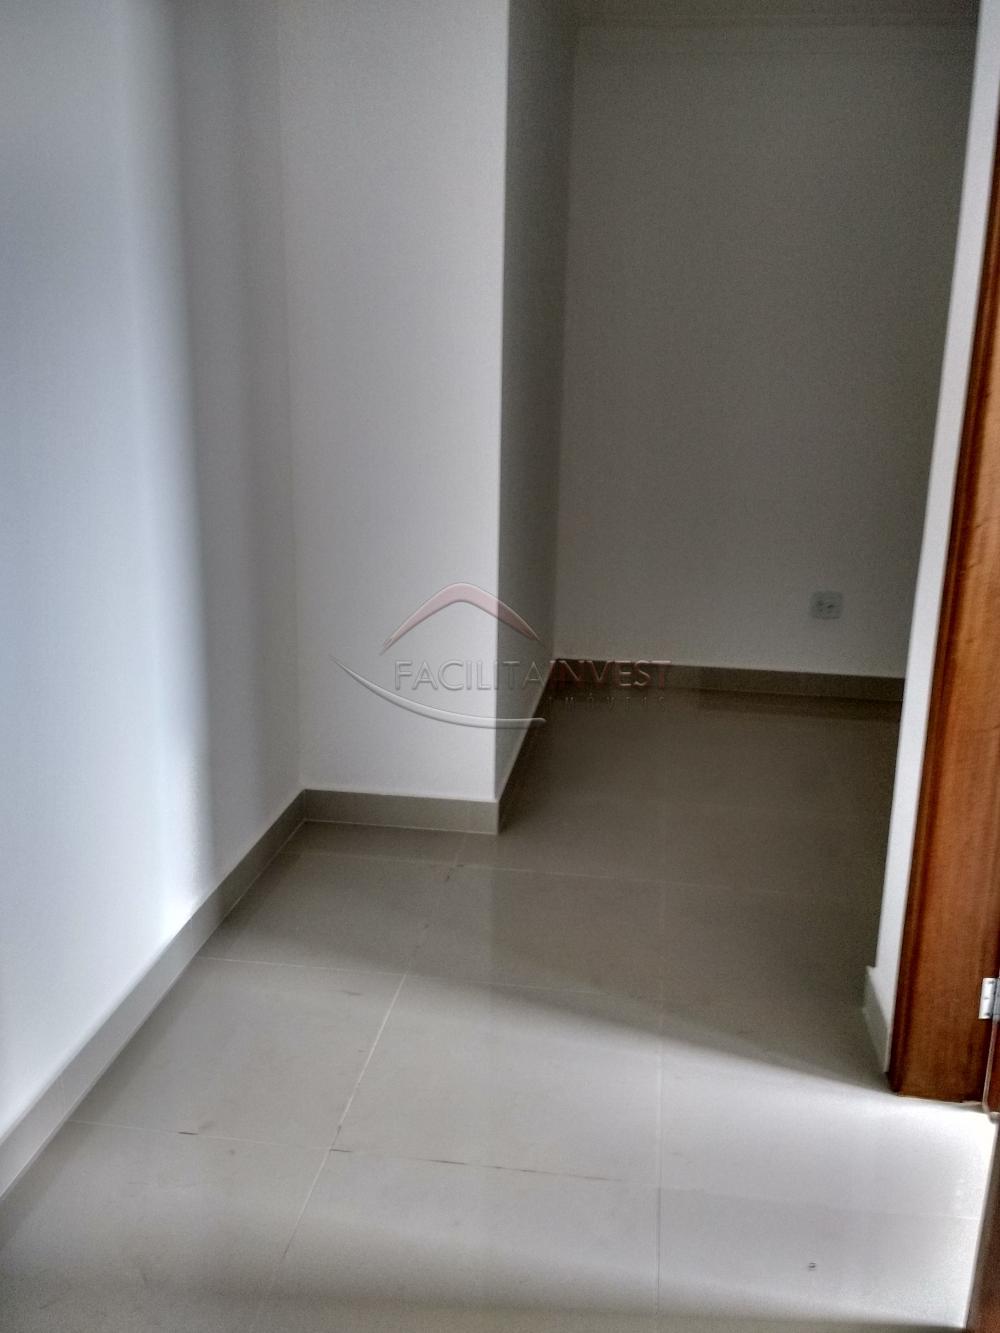 Comprar Apartamentos / Cobertura em Ribeirão Preto apenas R$ 881.250,00 - Foto 4